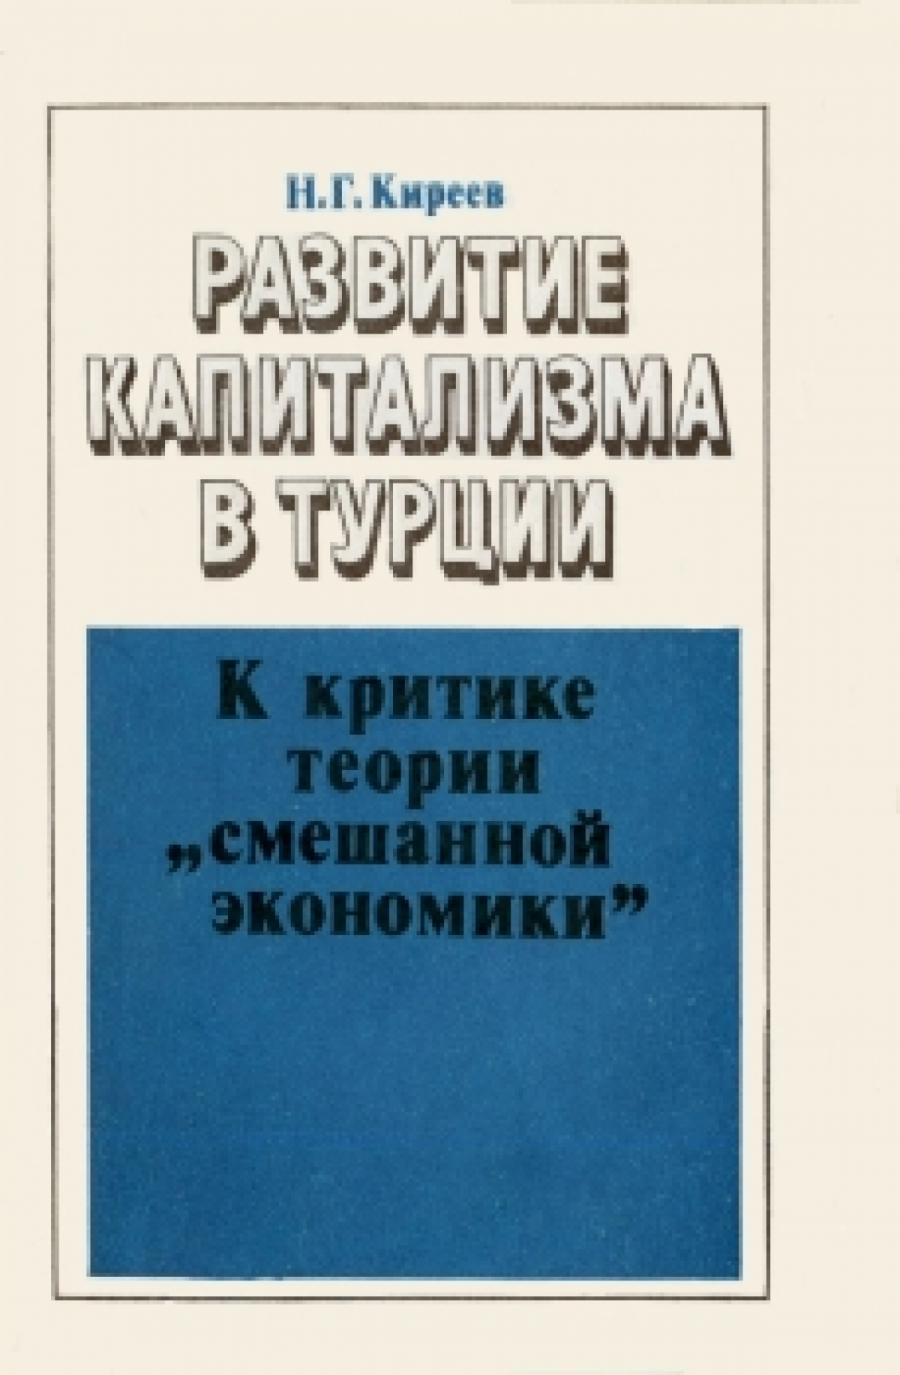 Обложка книги:  киреев н. г. - развитие капитализма в турции. к критике теории смешанной экономики